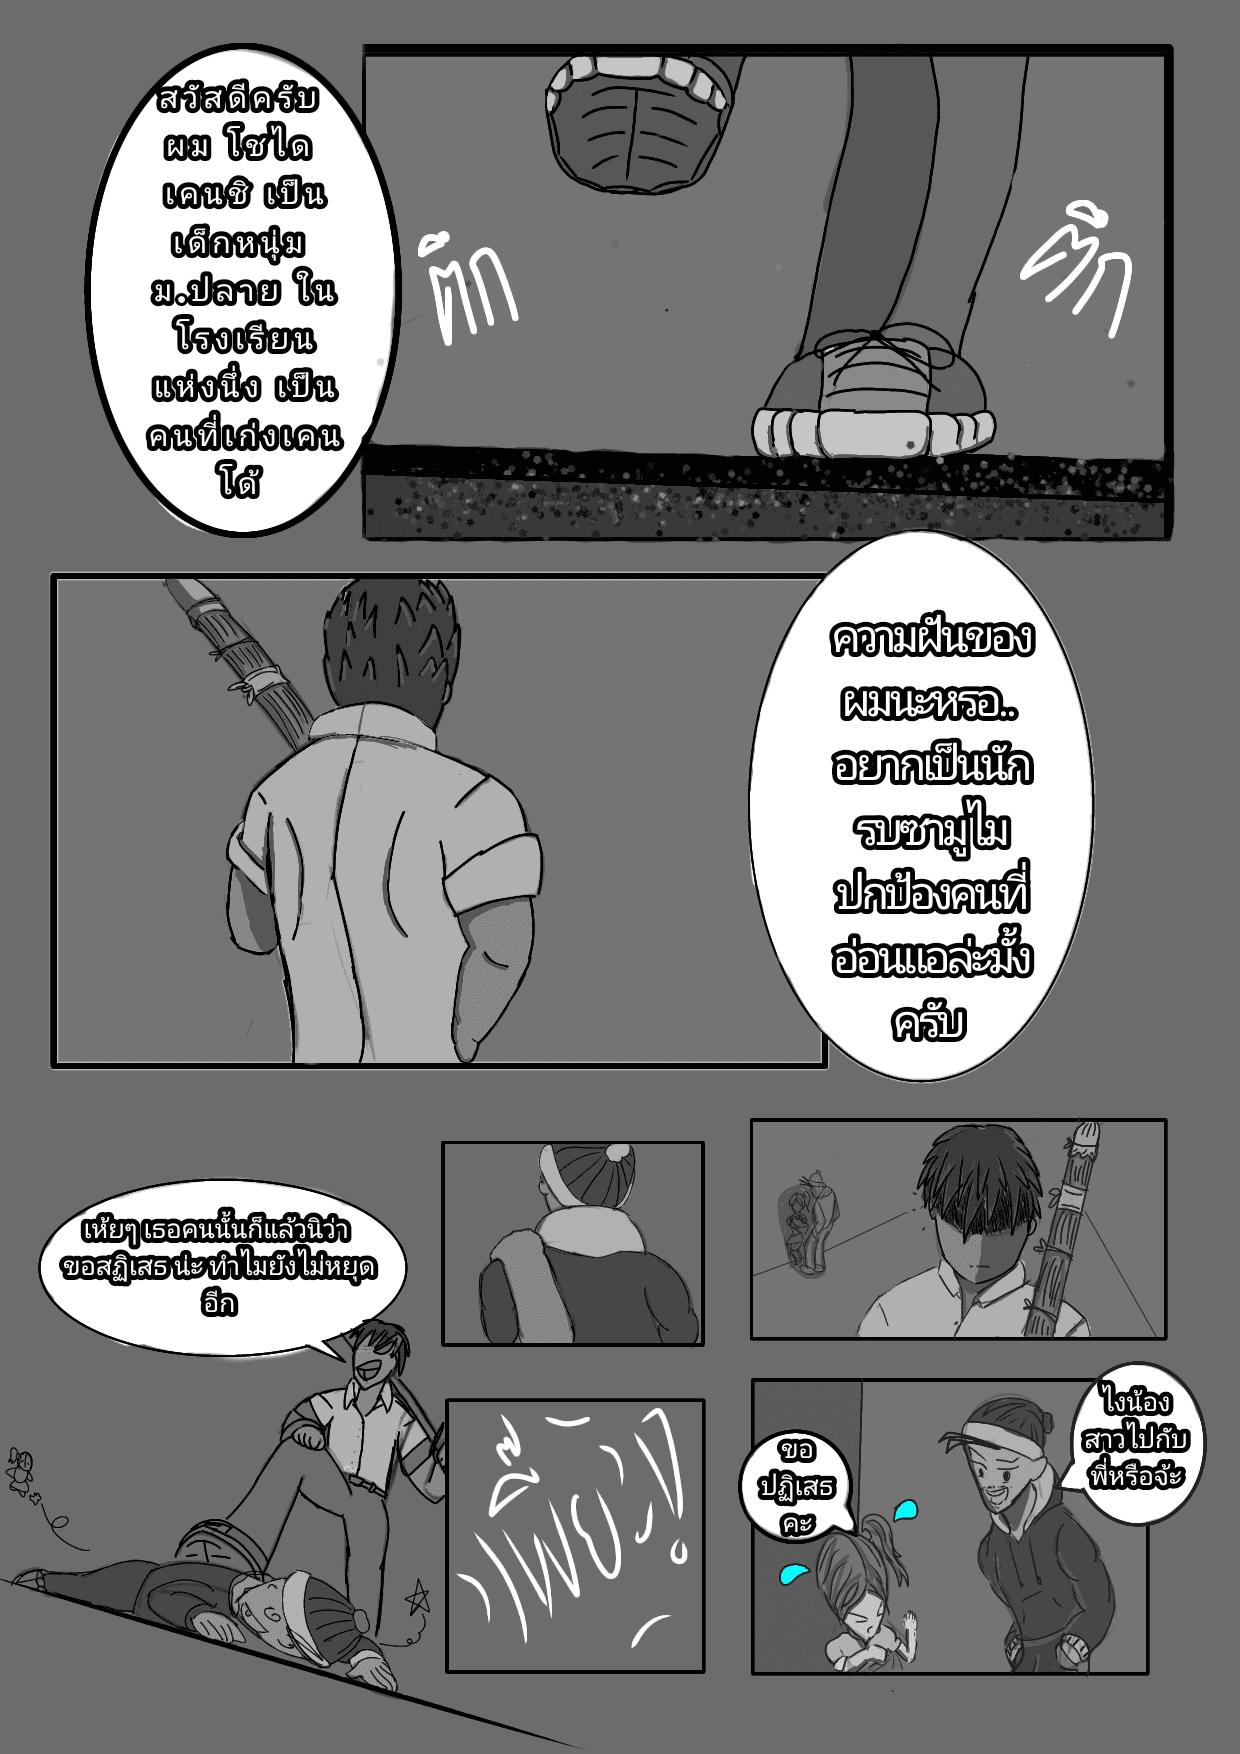 ken_ep1 [1/2] - ผู้สืบทอด